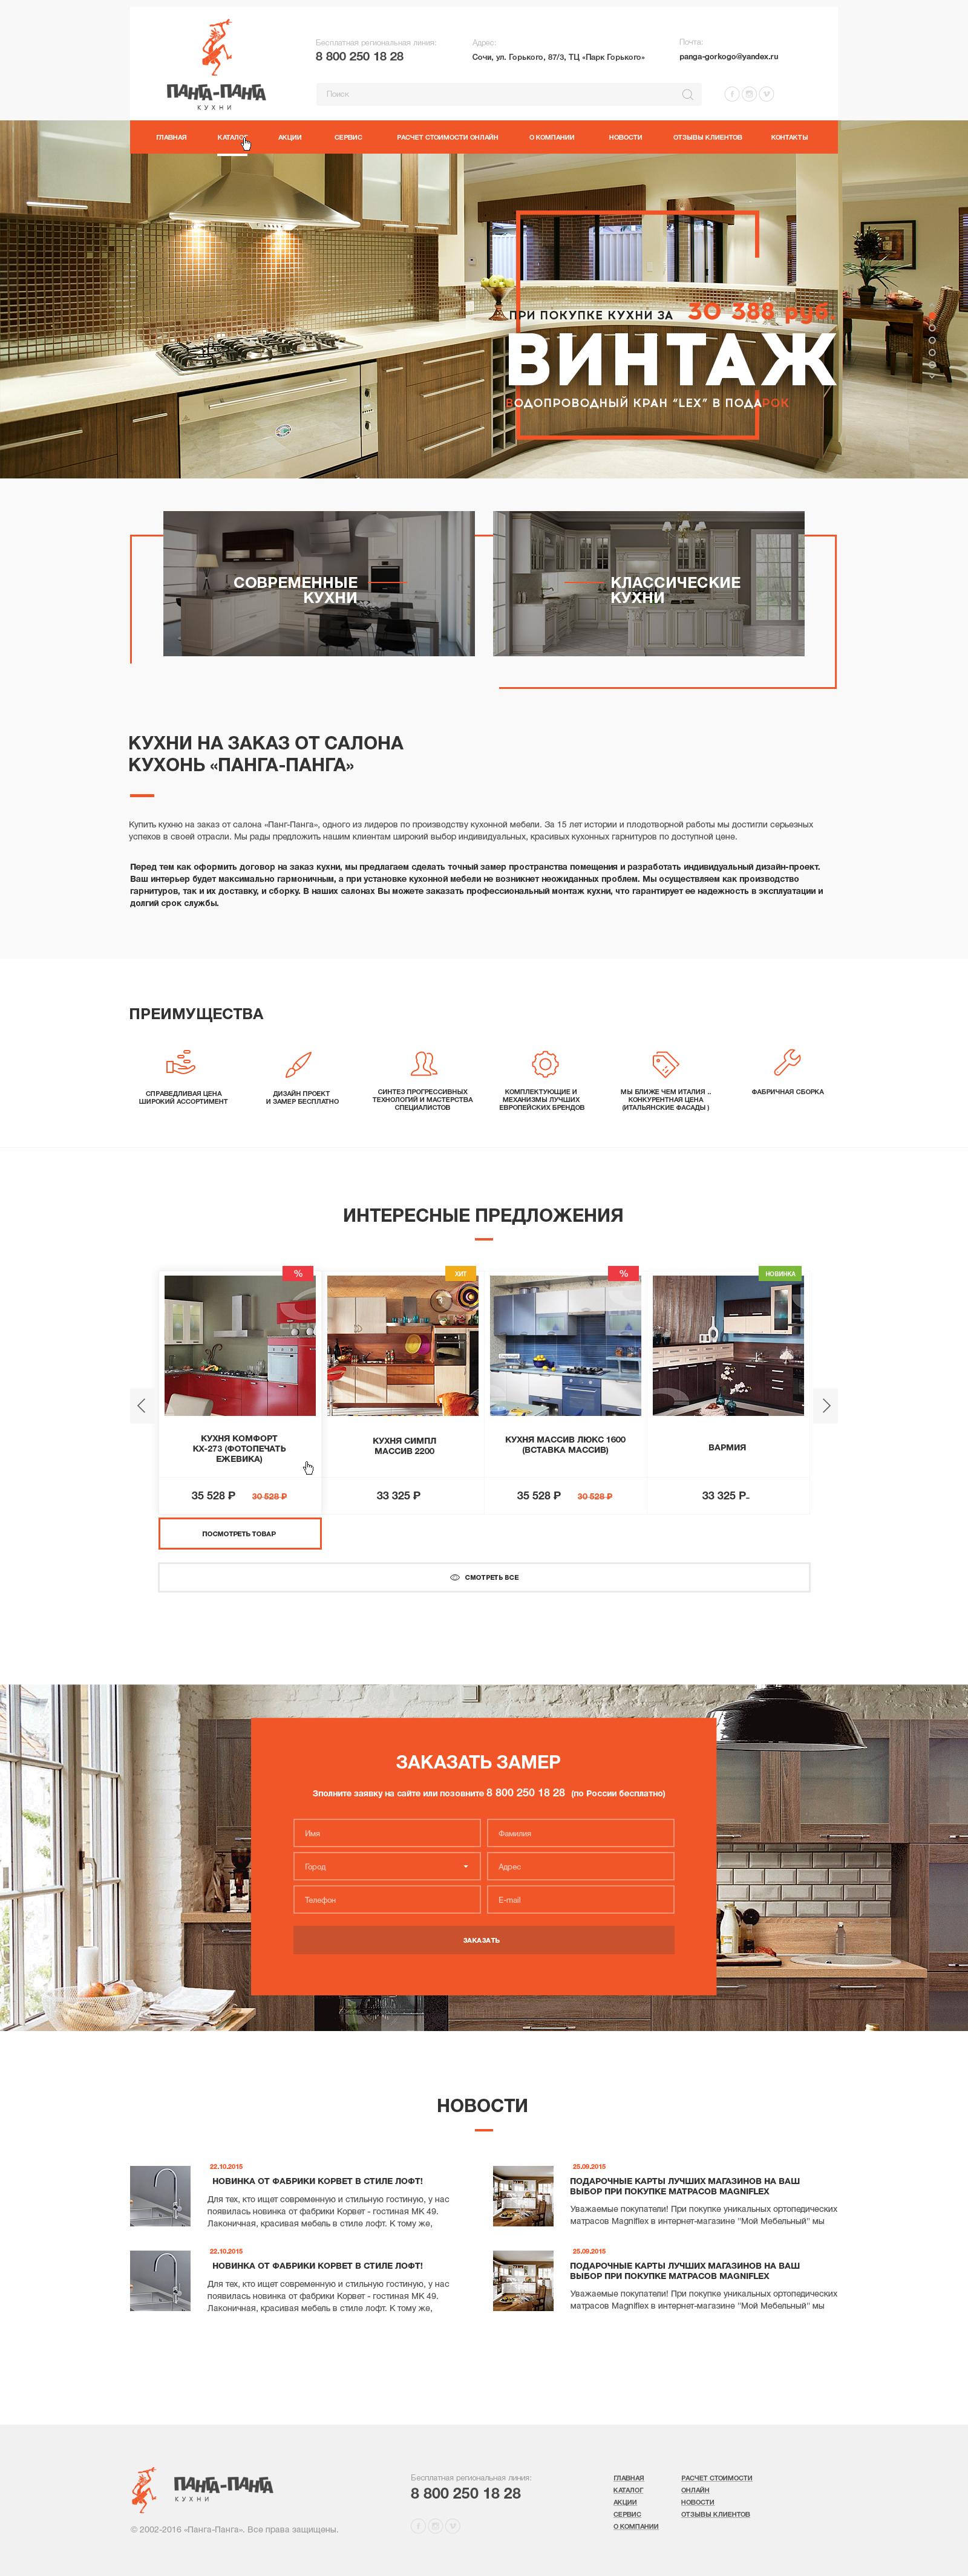 Дизайн сайта по продаже кухонь